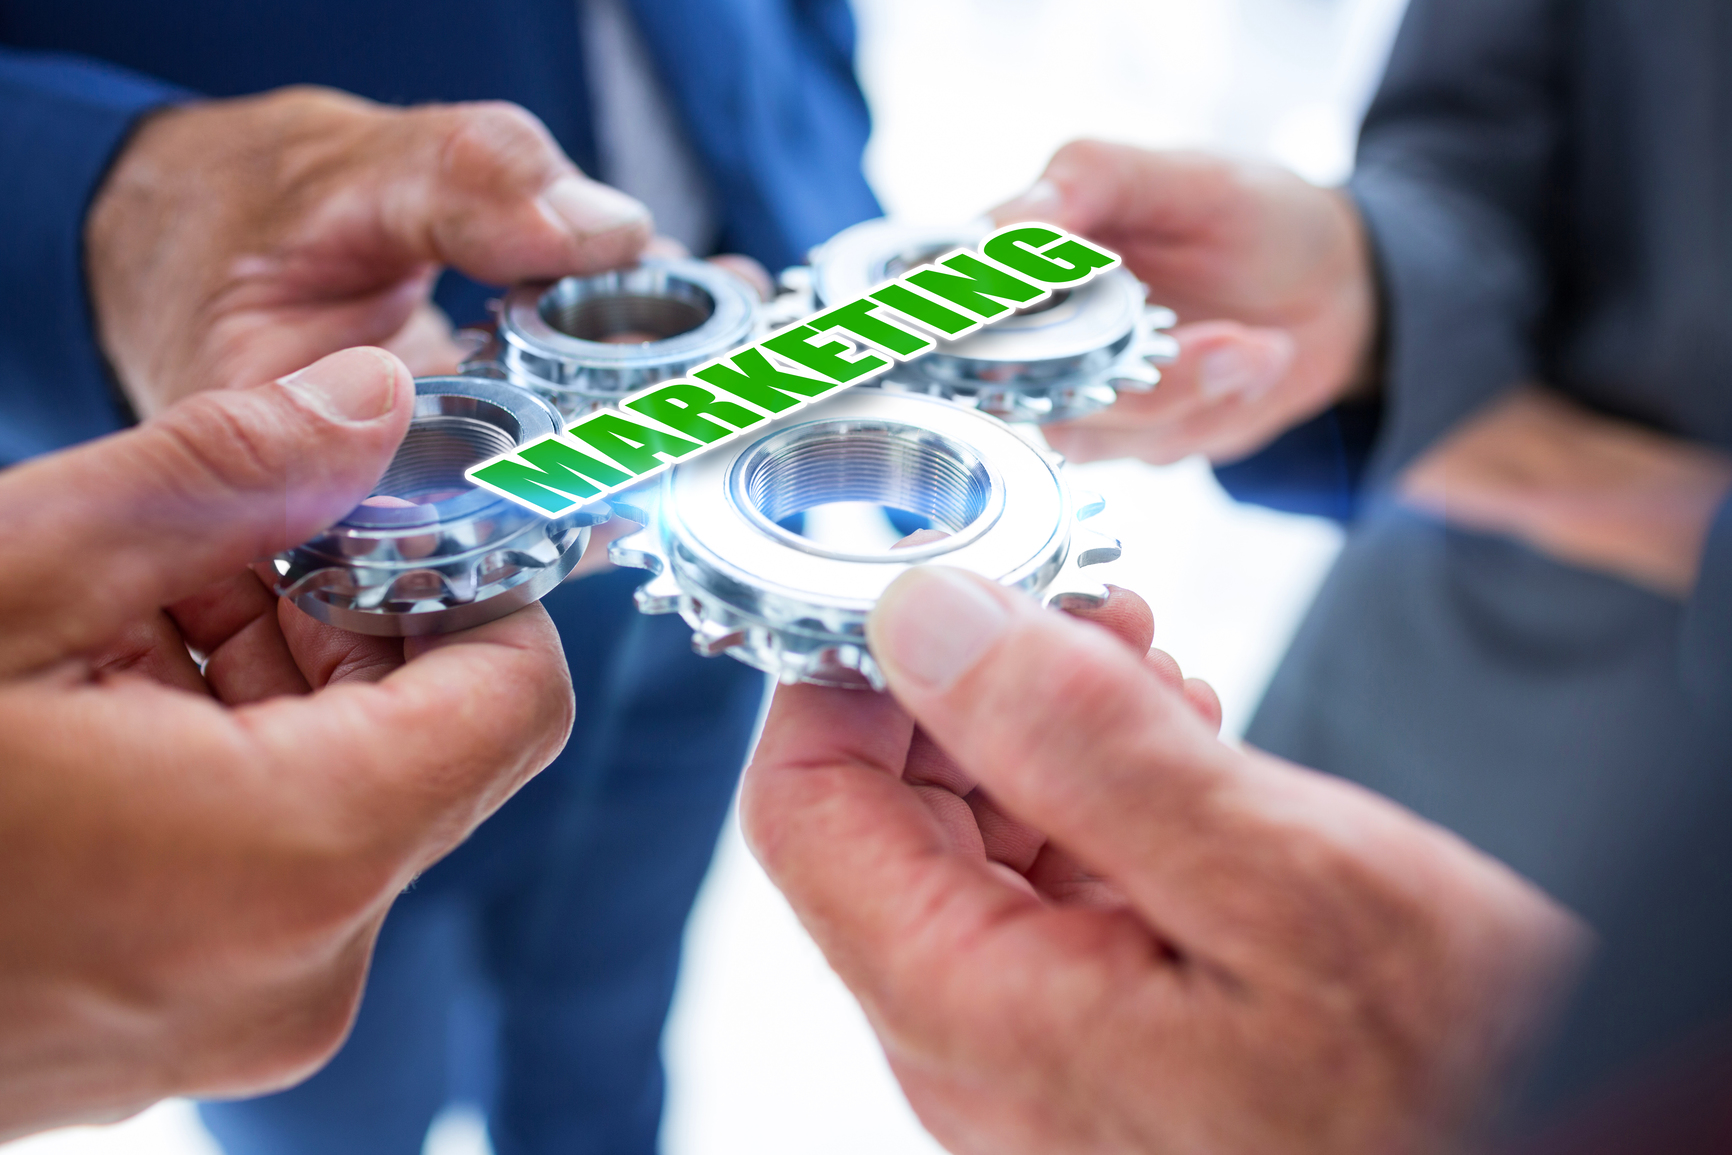 Spiele-PR - Marketing für Gesellschaftsspiele